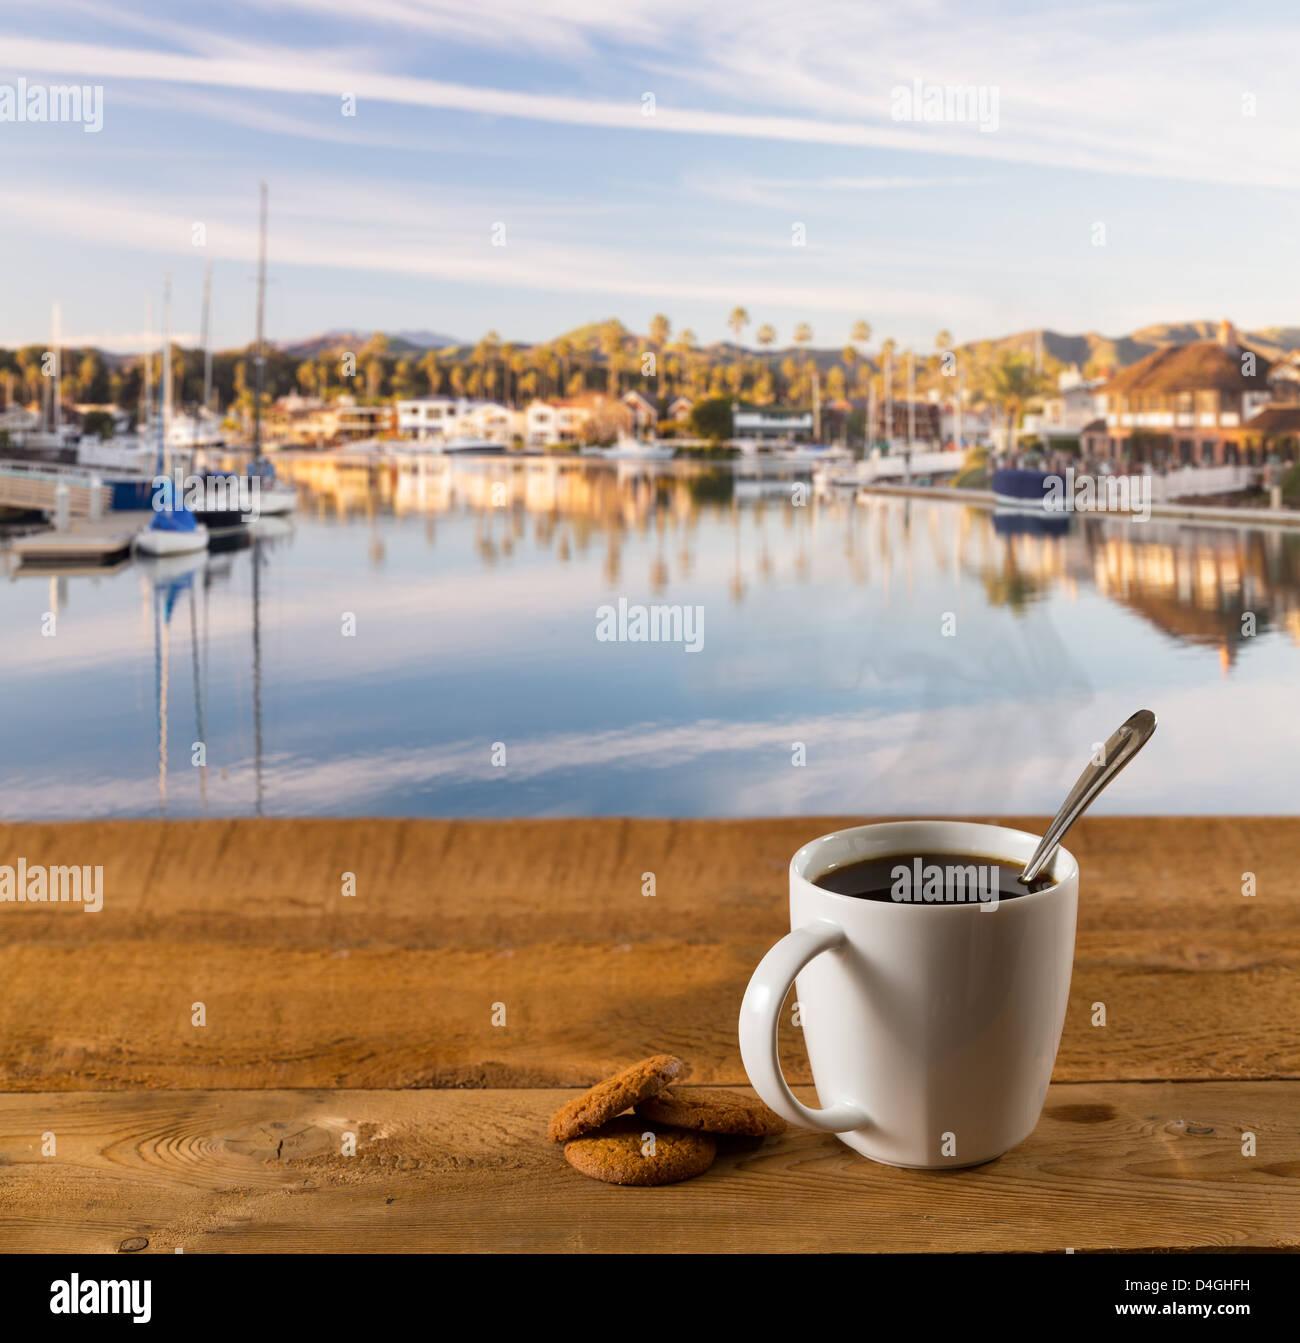 Café et biscuits sur une table en bois à l'extérieur Photo Stock